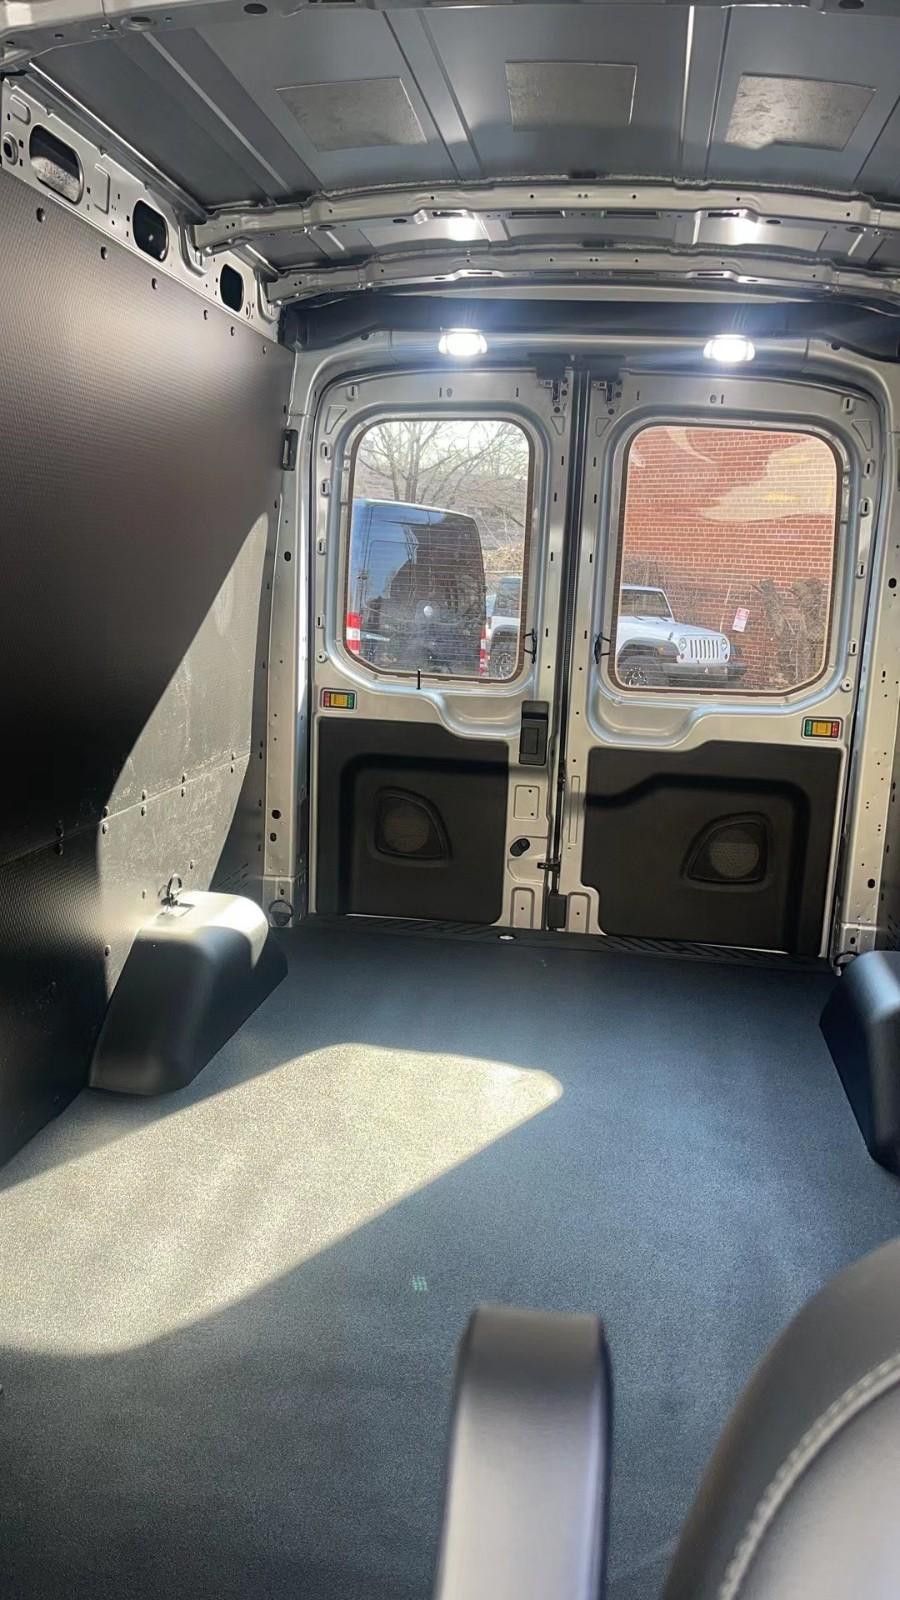 现货货车,2020 ford transit 250 cargo van 中鼎加长版